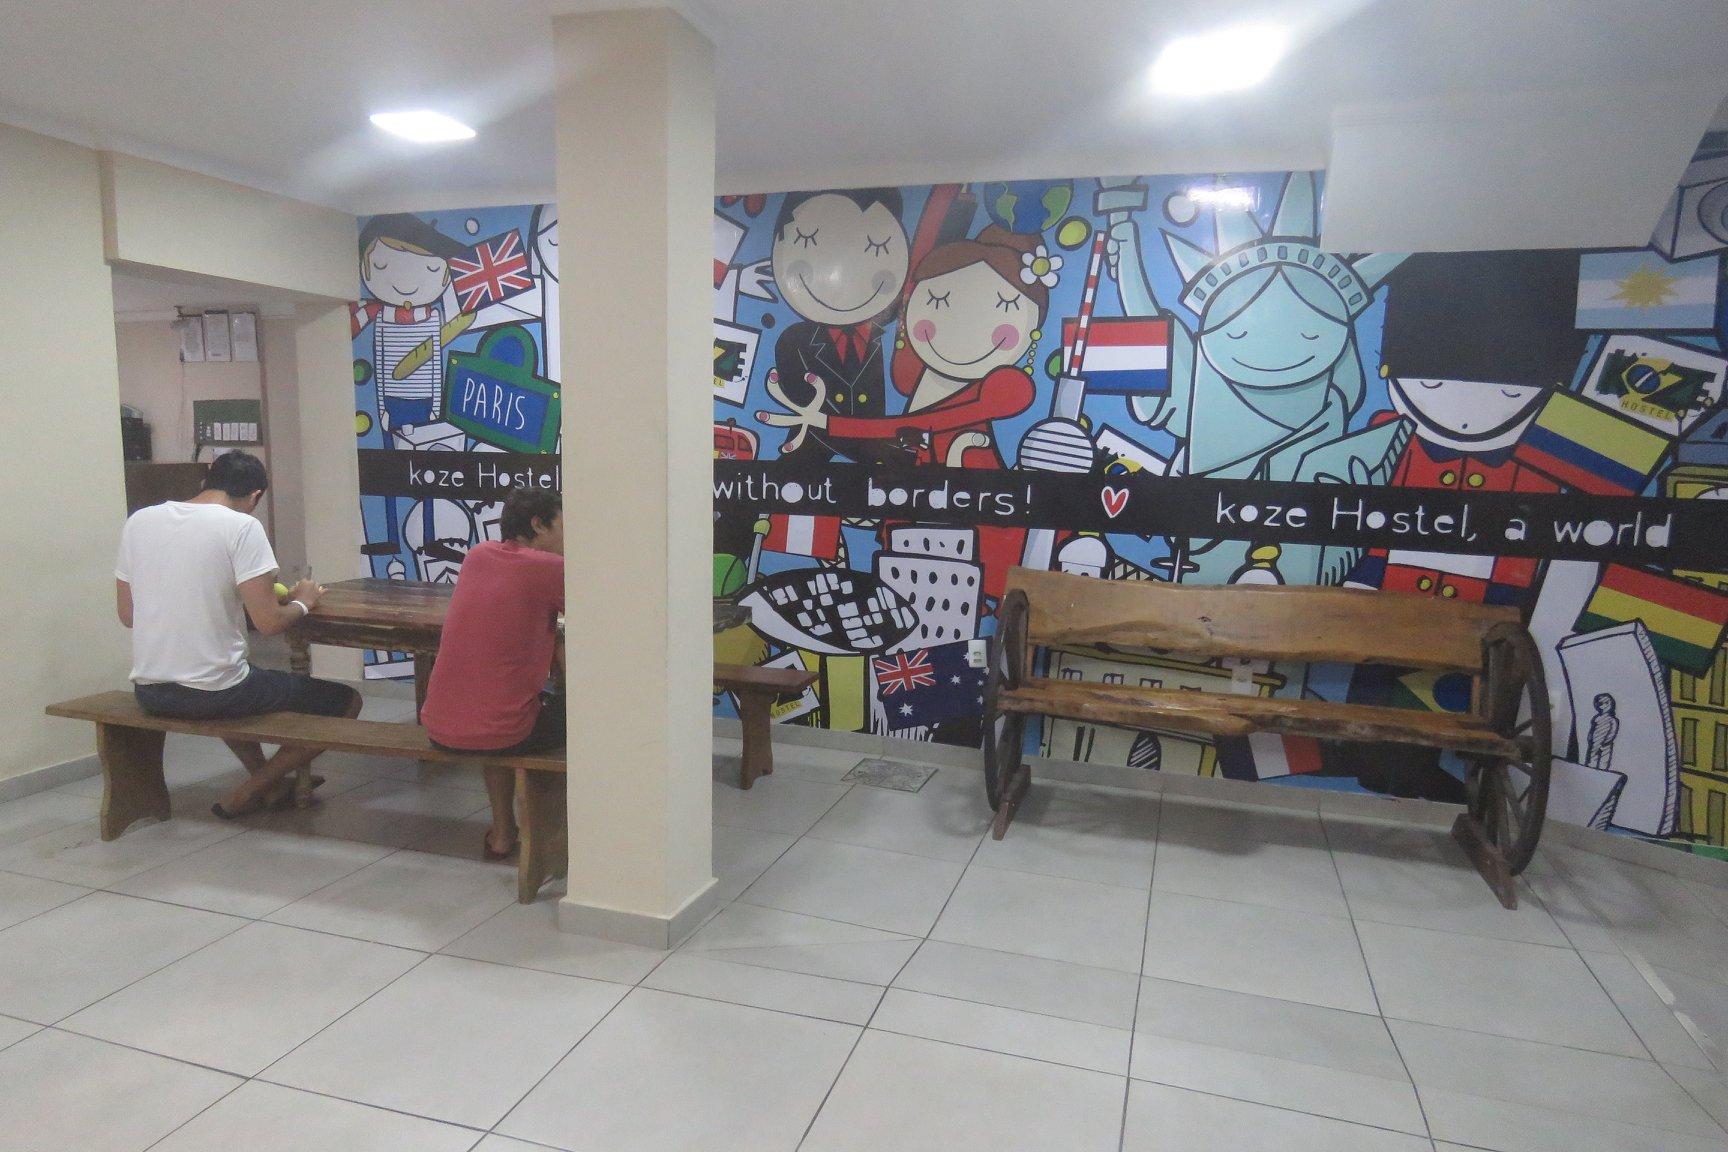 koze hostel